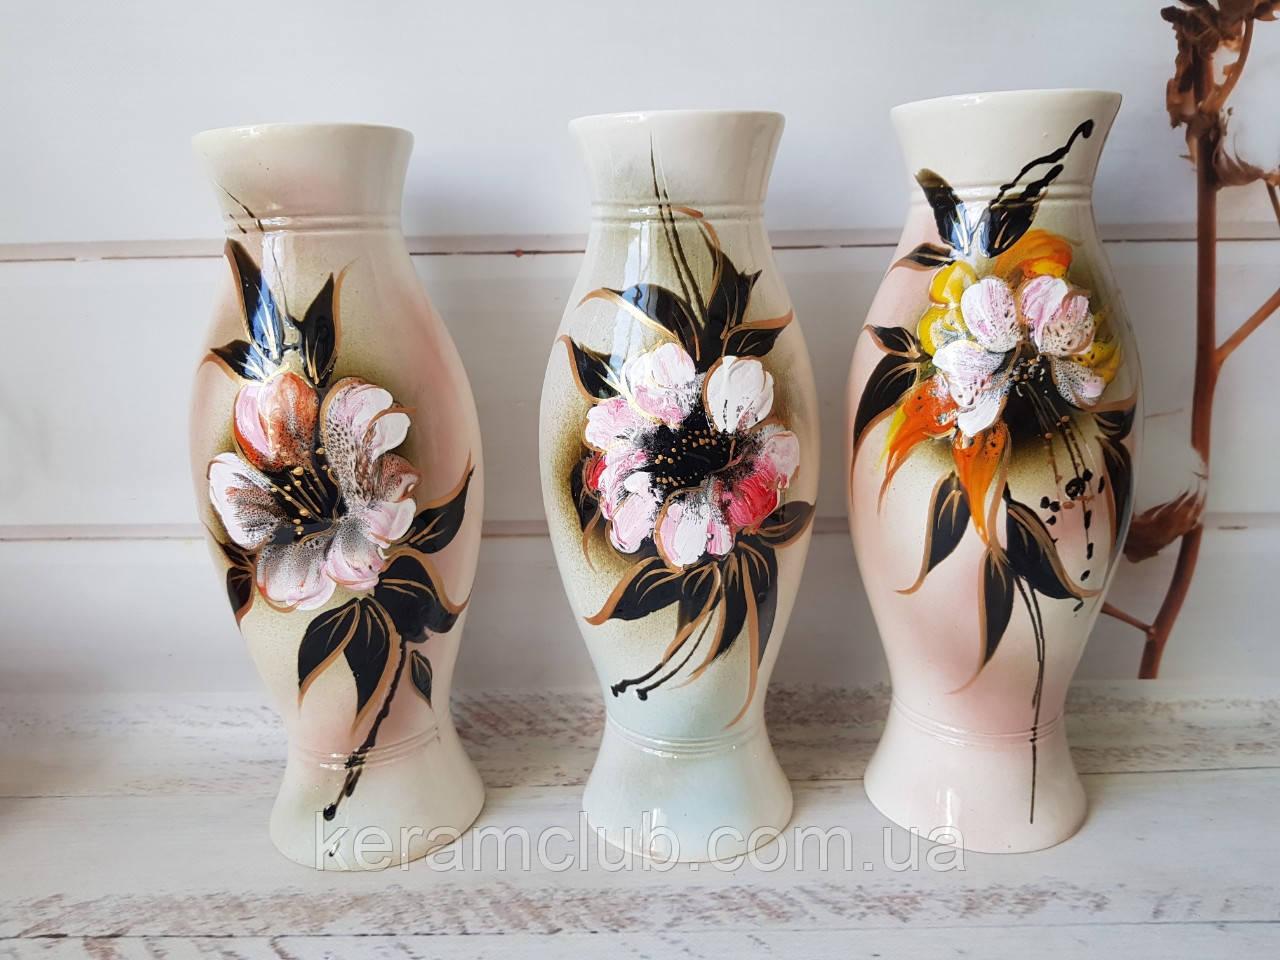 Набор керамических ваз